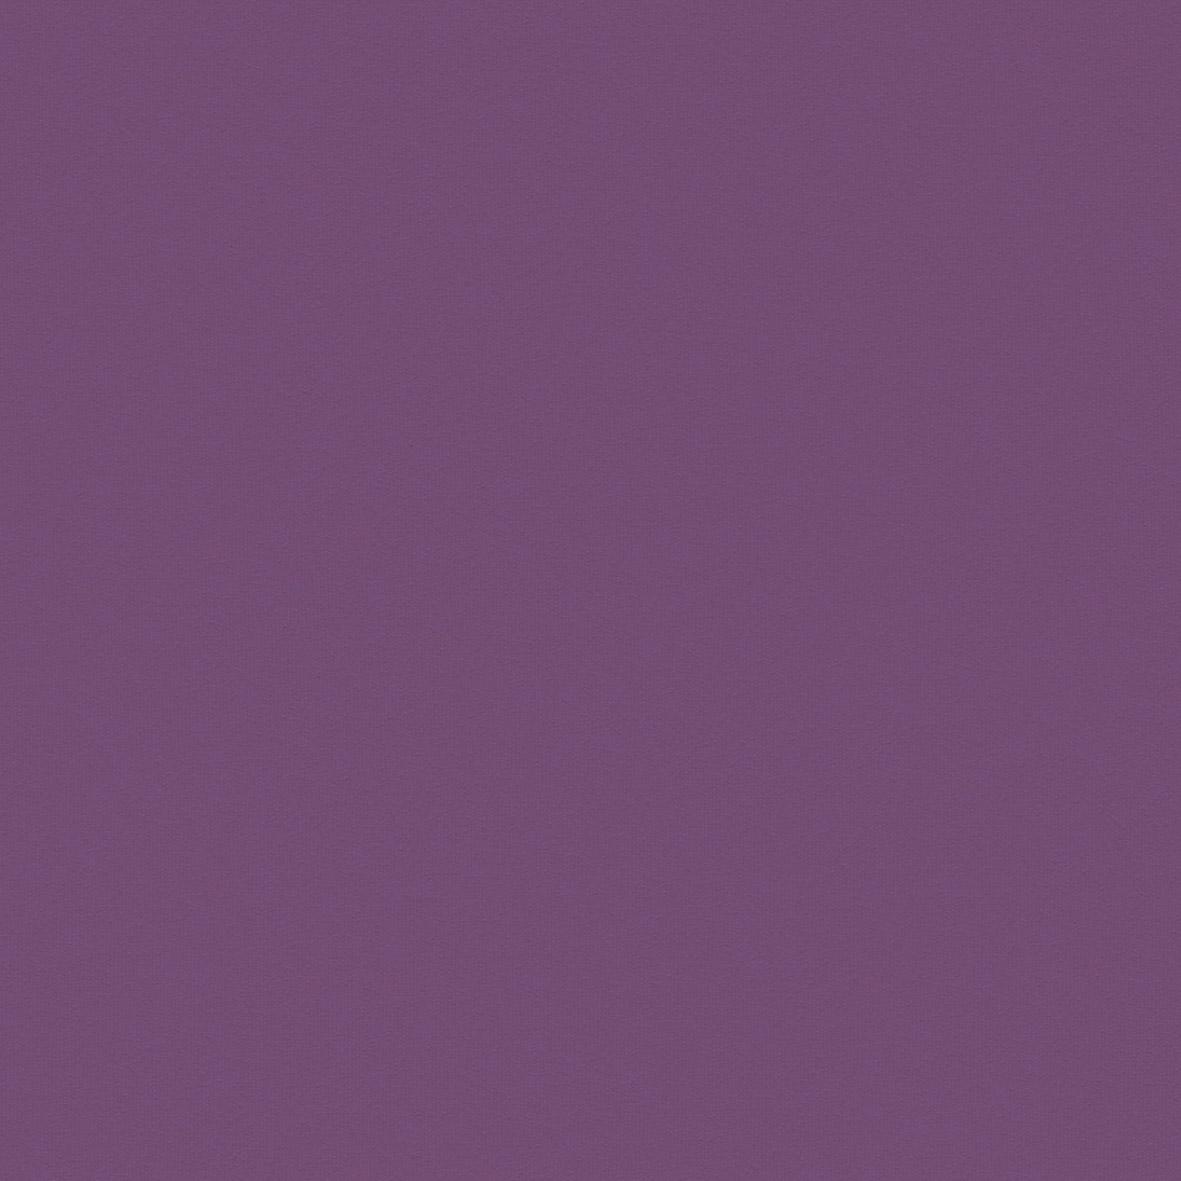 Roller_Swatch_Palette_Iris_RE0077